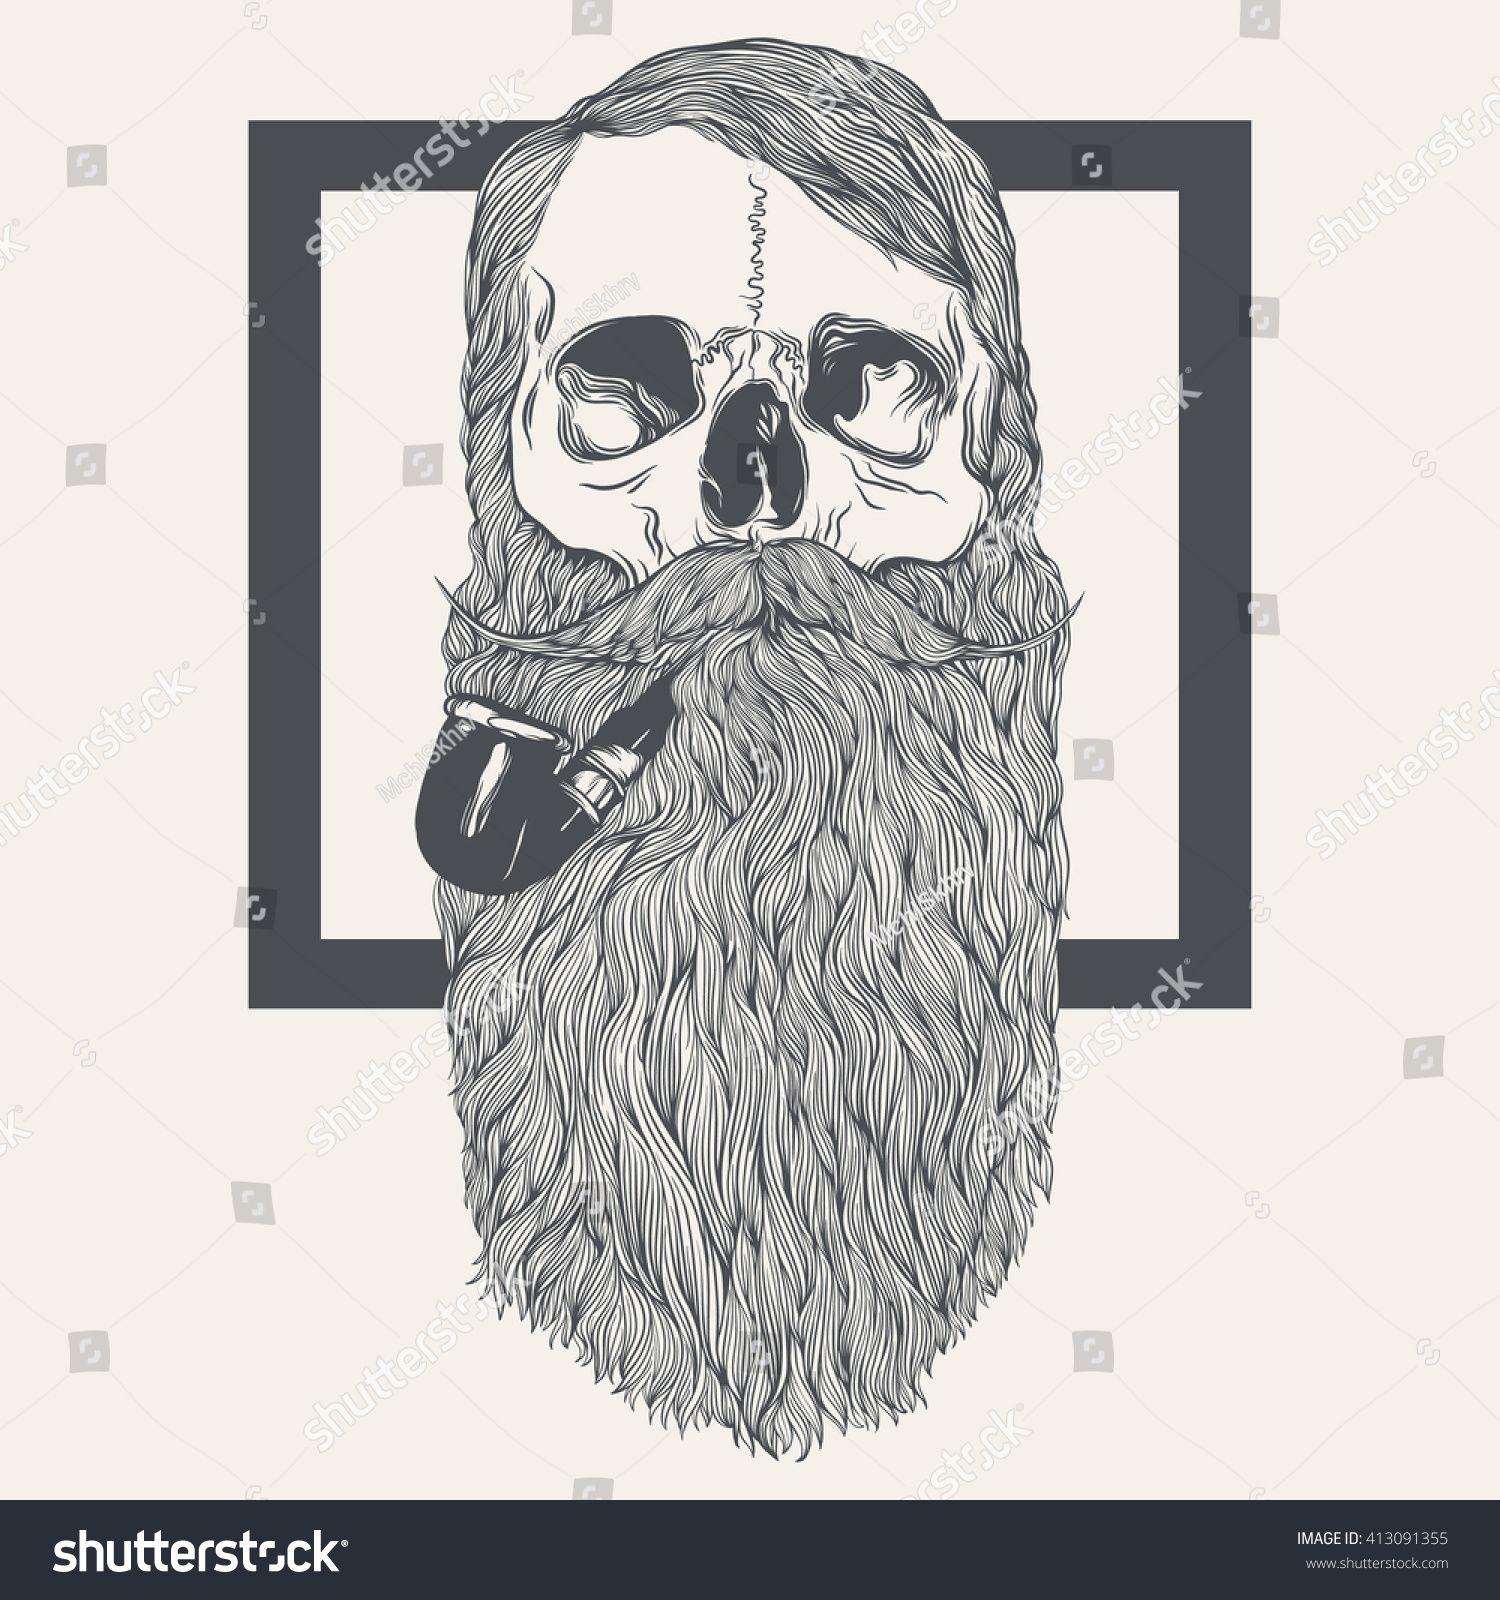 Стоковая векторная графика «Illustration Skull Beard» (без ...